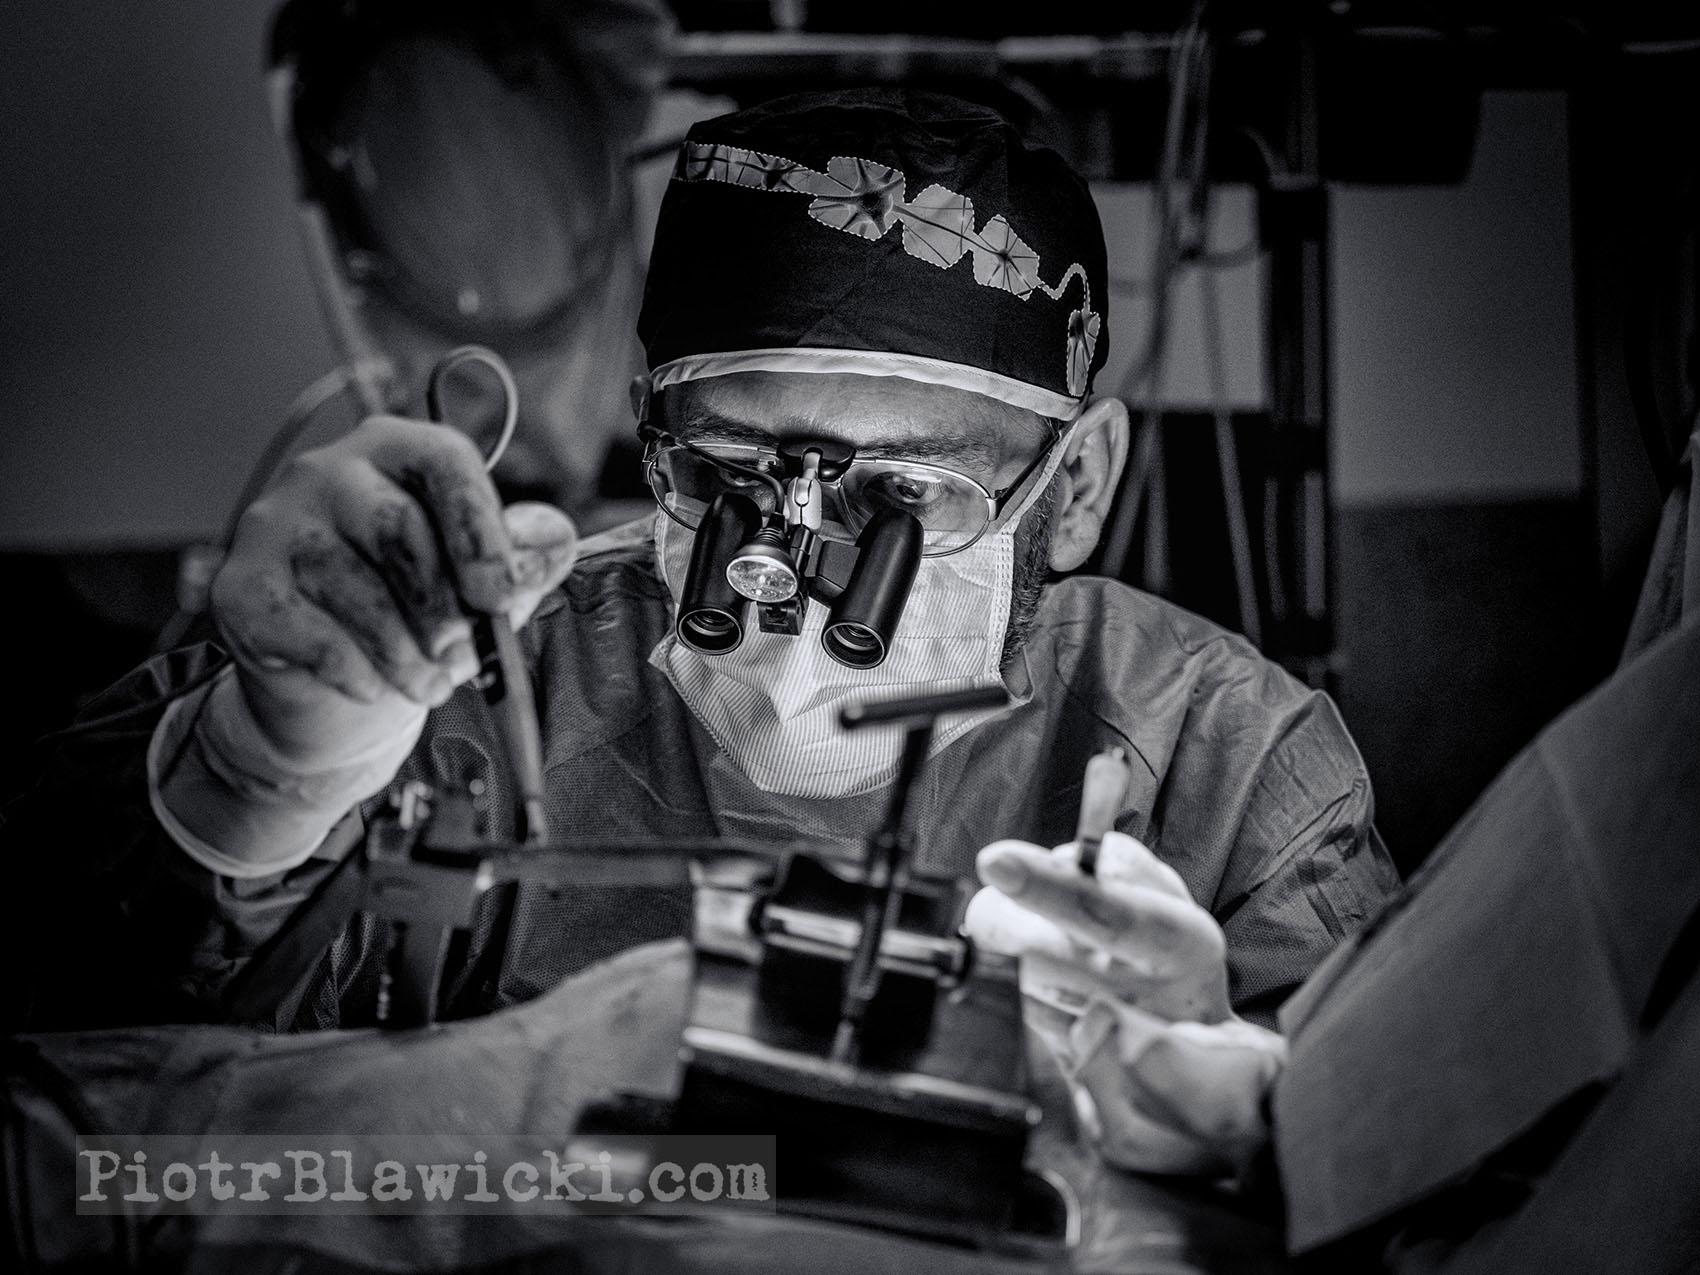 kardiochirurg Przemysław Szałański podczas operacji - piotrblawicki.com fotoblog -05